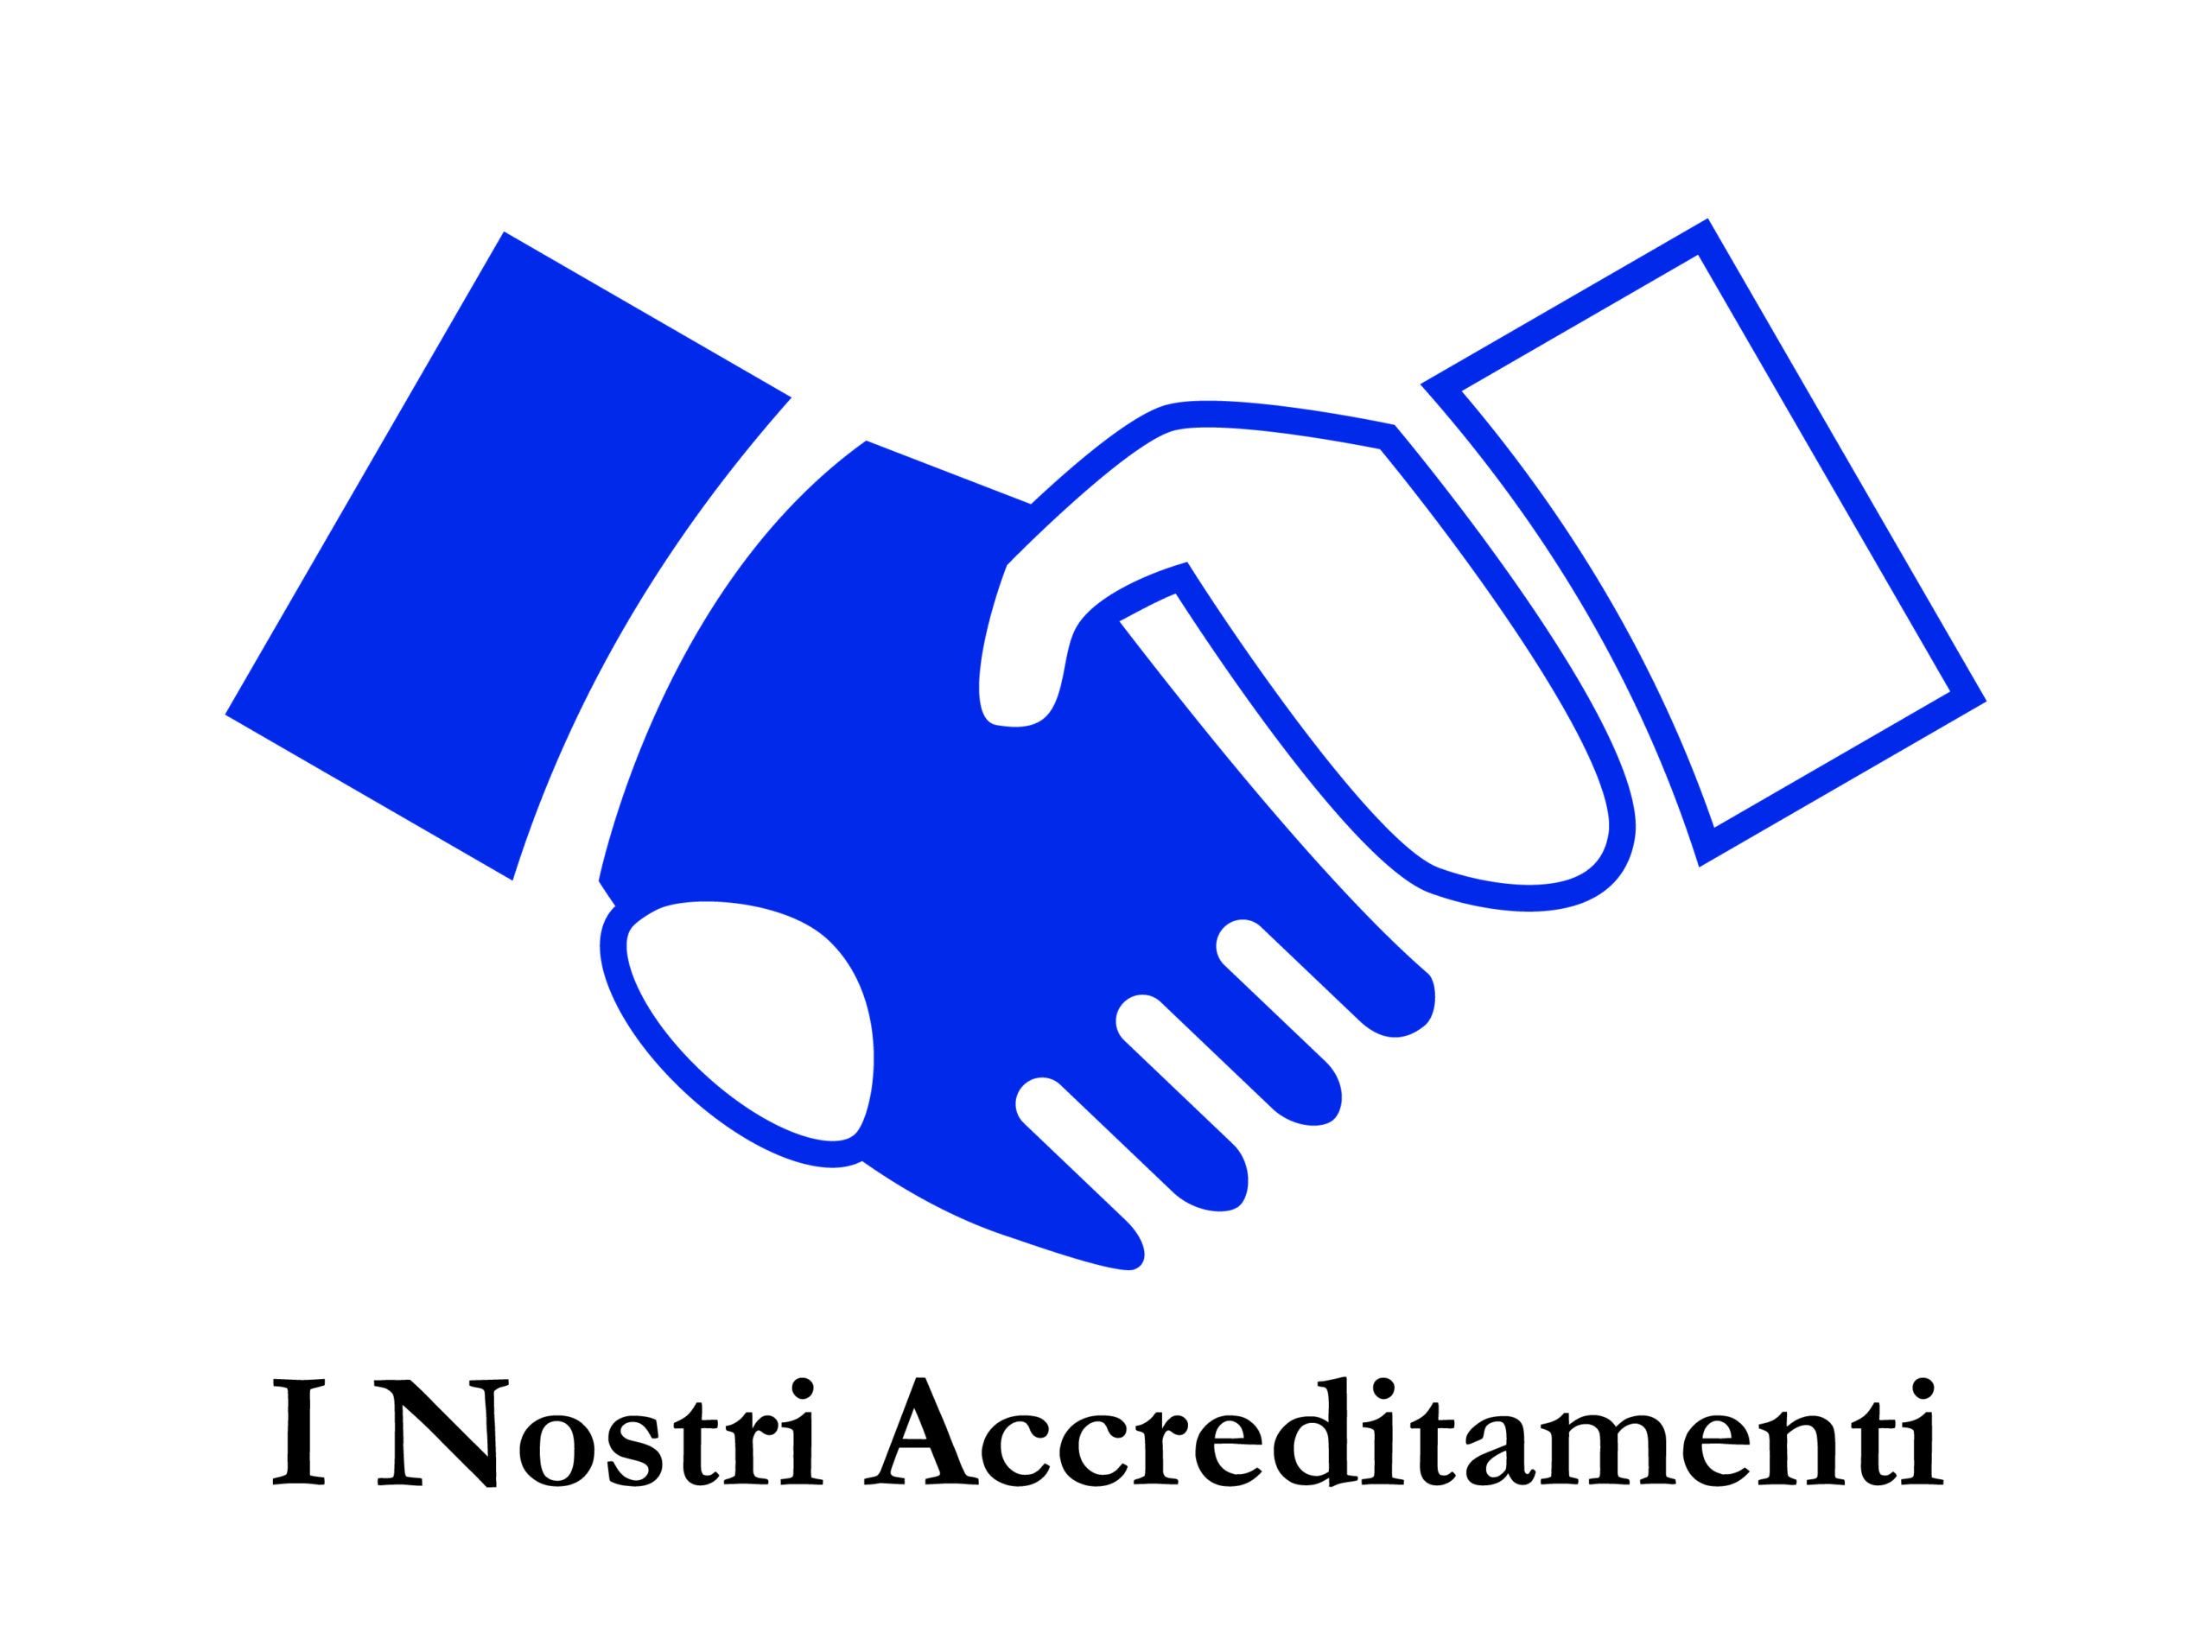 Icona-I-nostri-Accreditamenti-gestione-finanziaria-demix